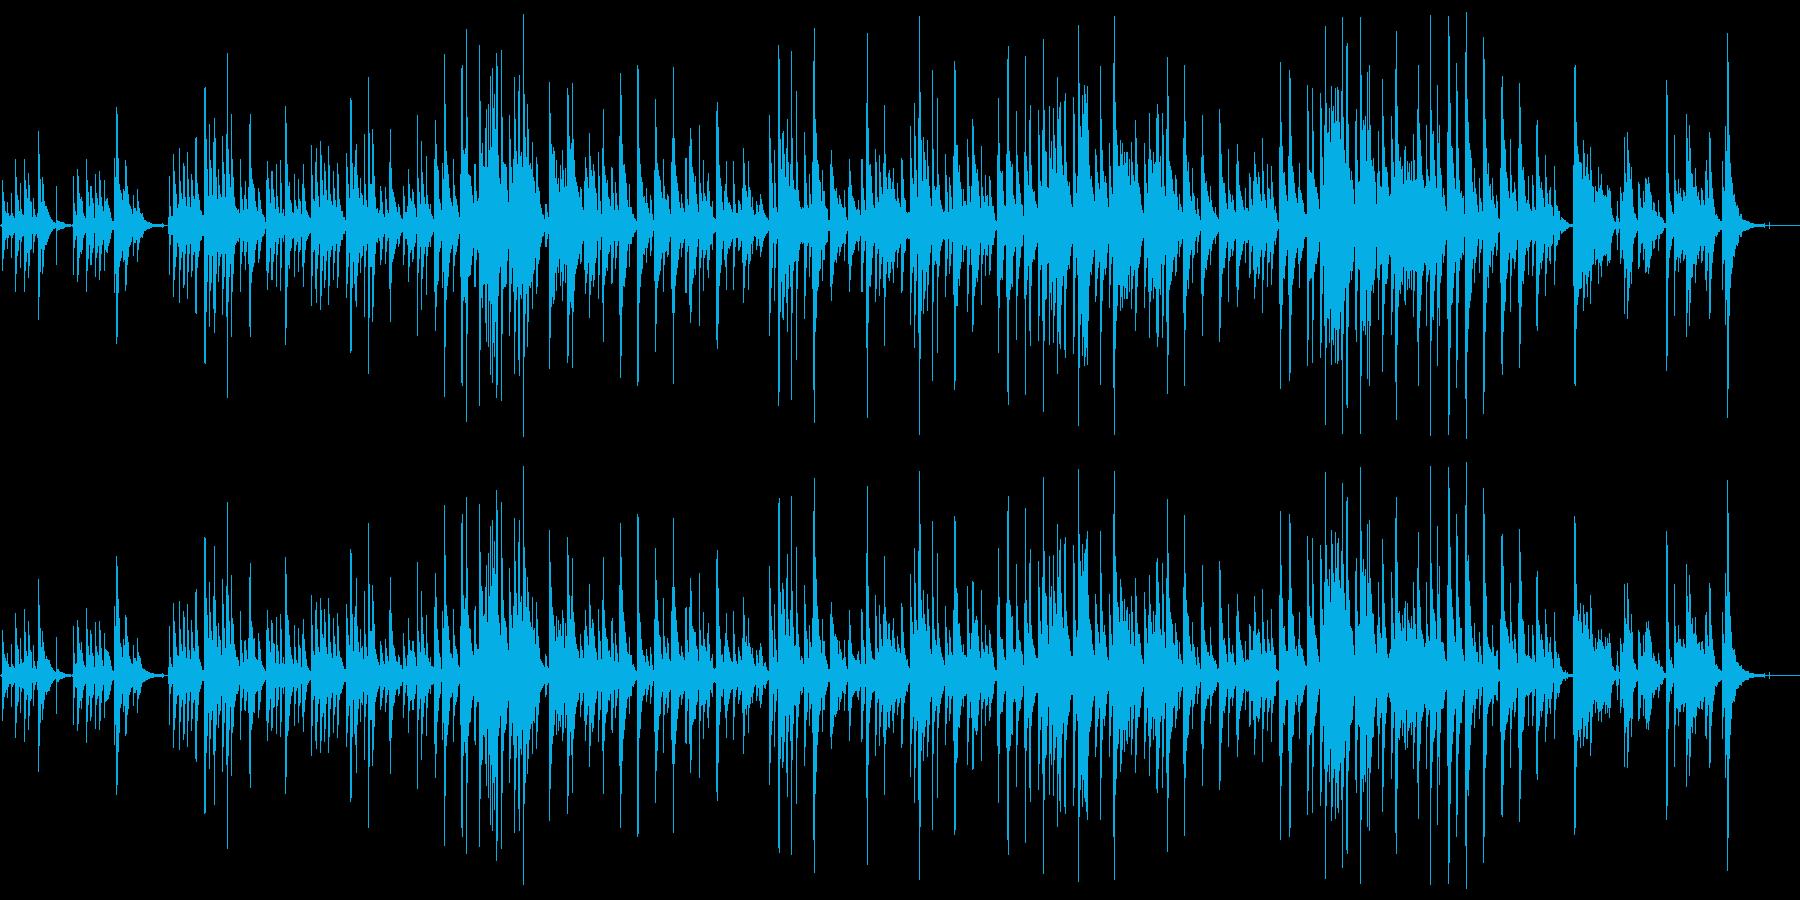 オクラホマミキサーウクレレソロアレンジの再生済みの波形